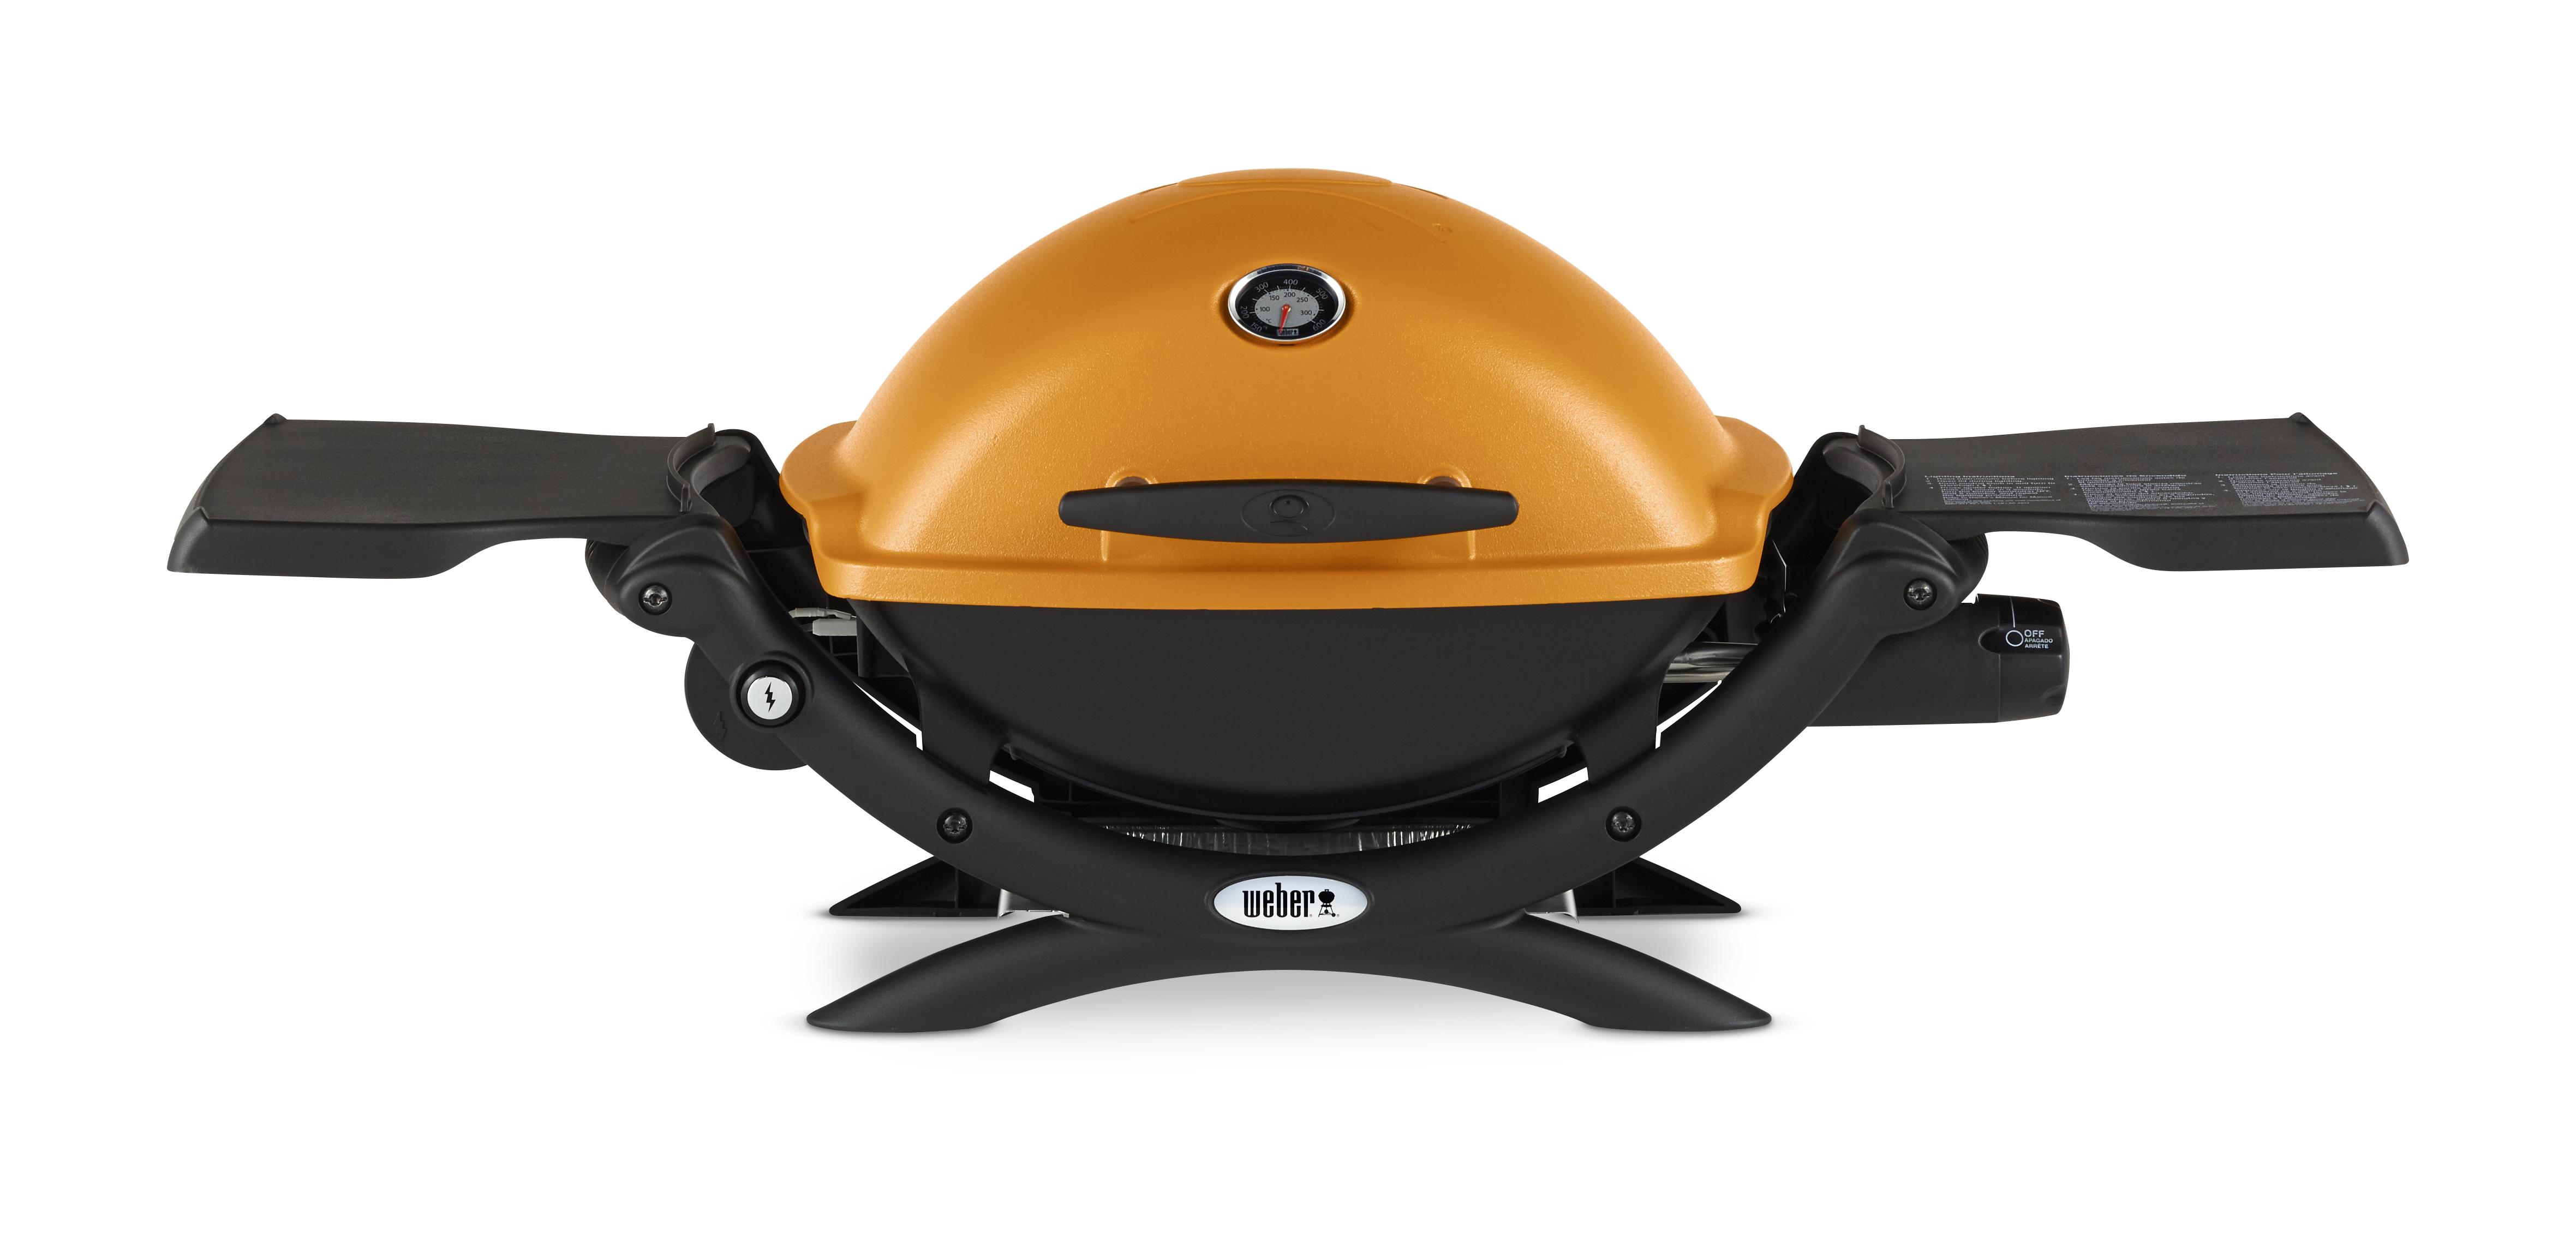 Weber Q 1200 Gas Grill Orange